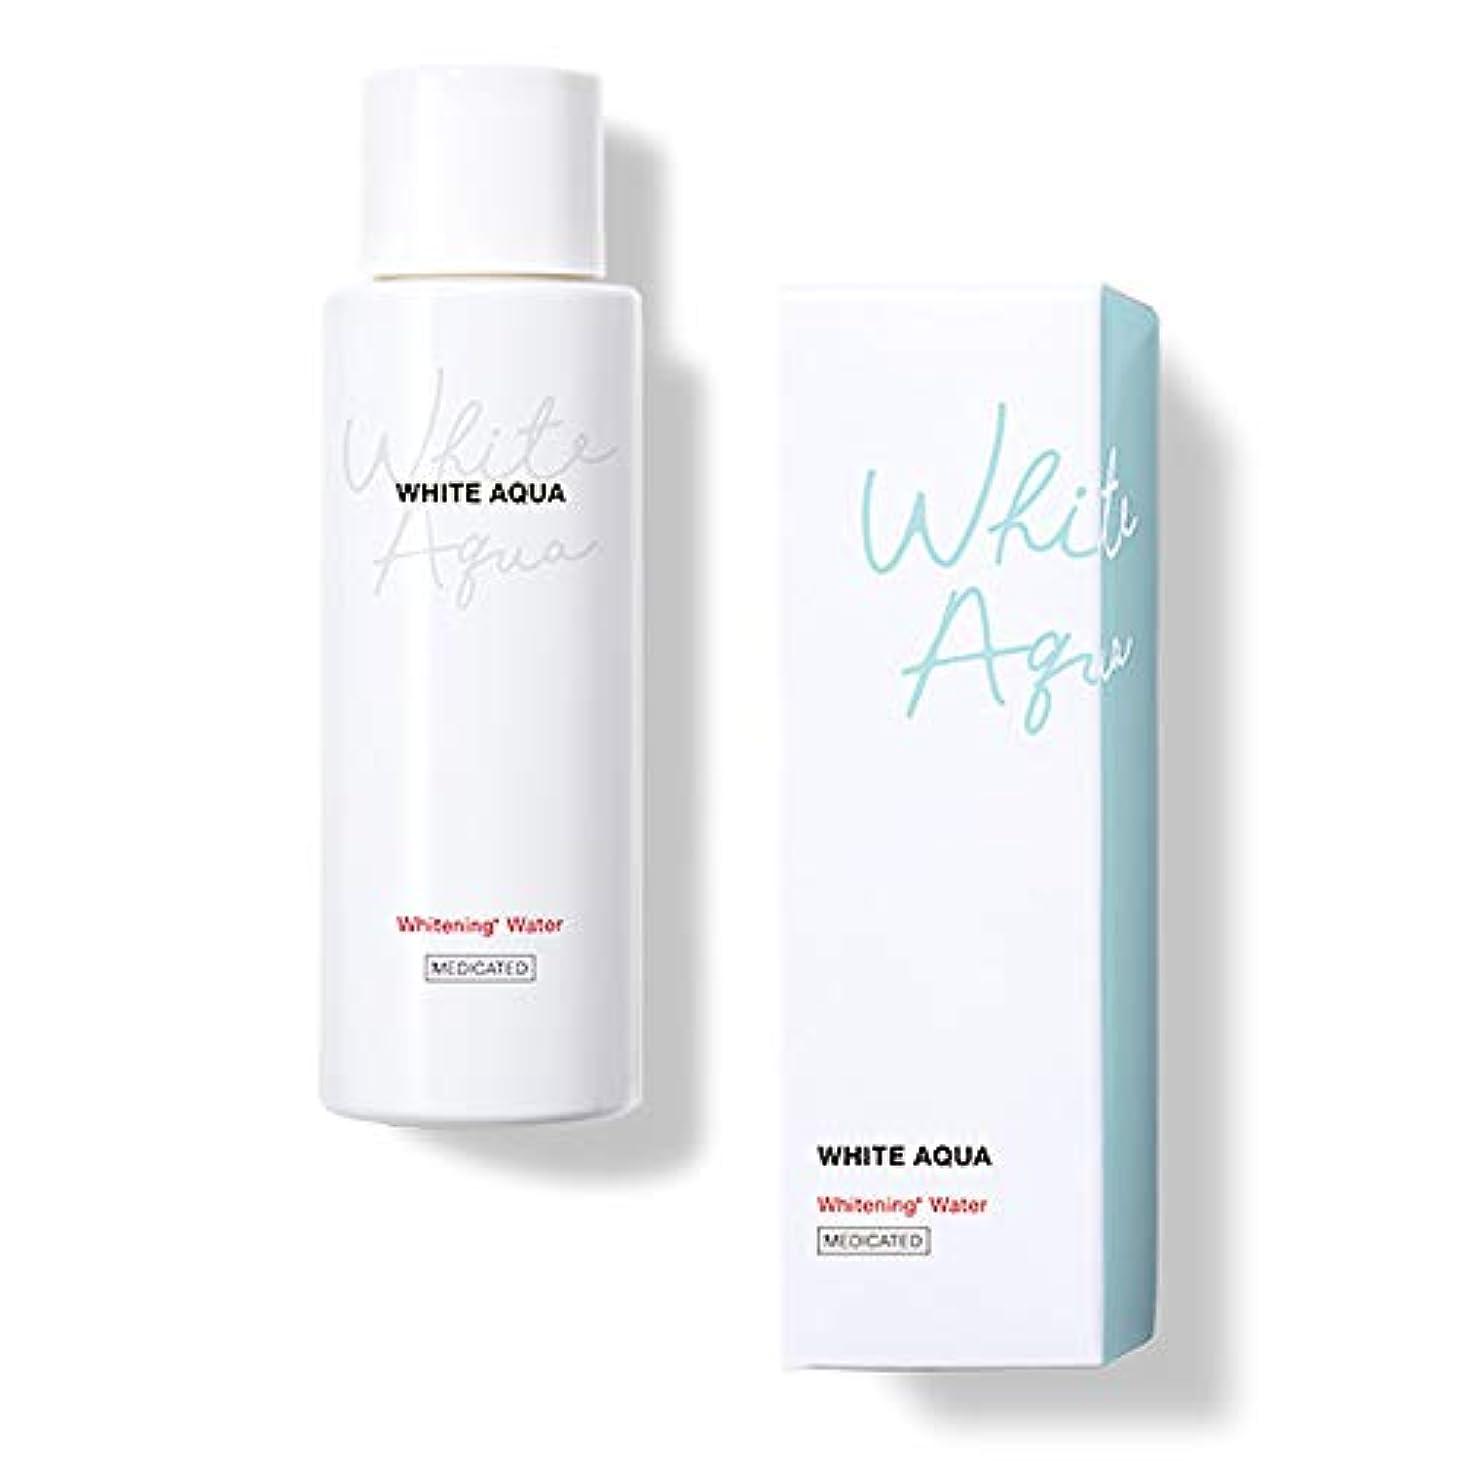 形状嘆くとしてホワイトアクア WHITE AQUA 薬用美白水